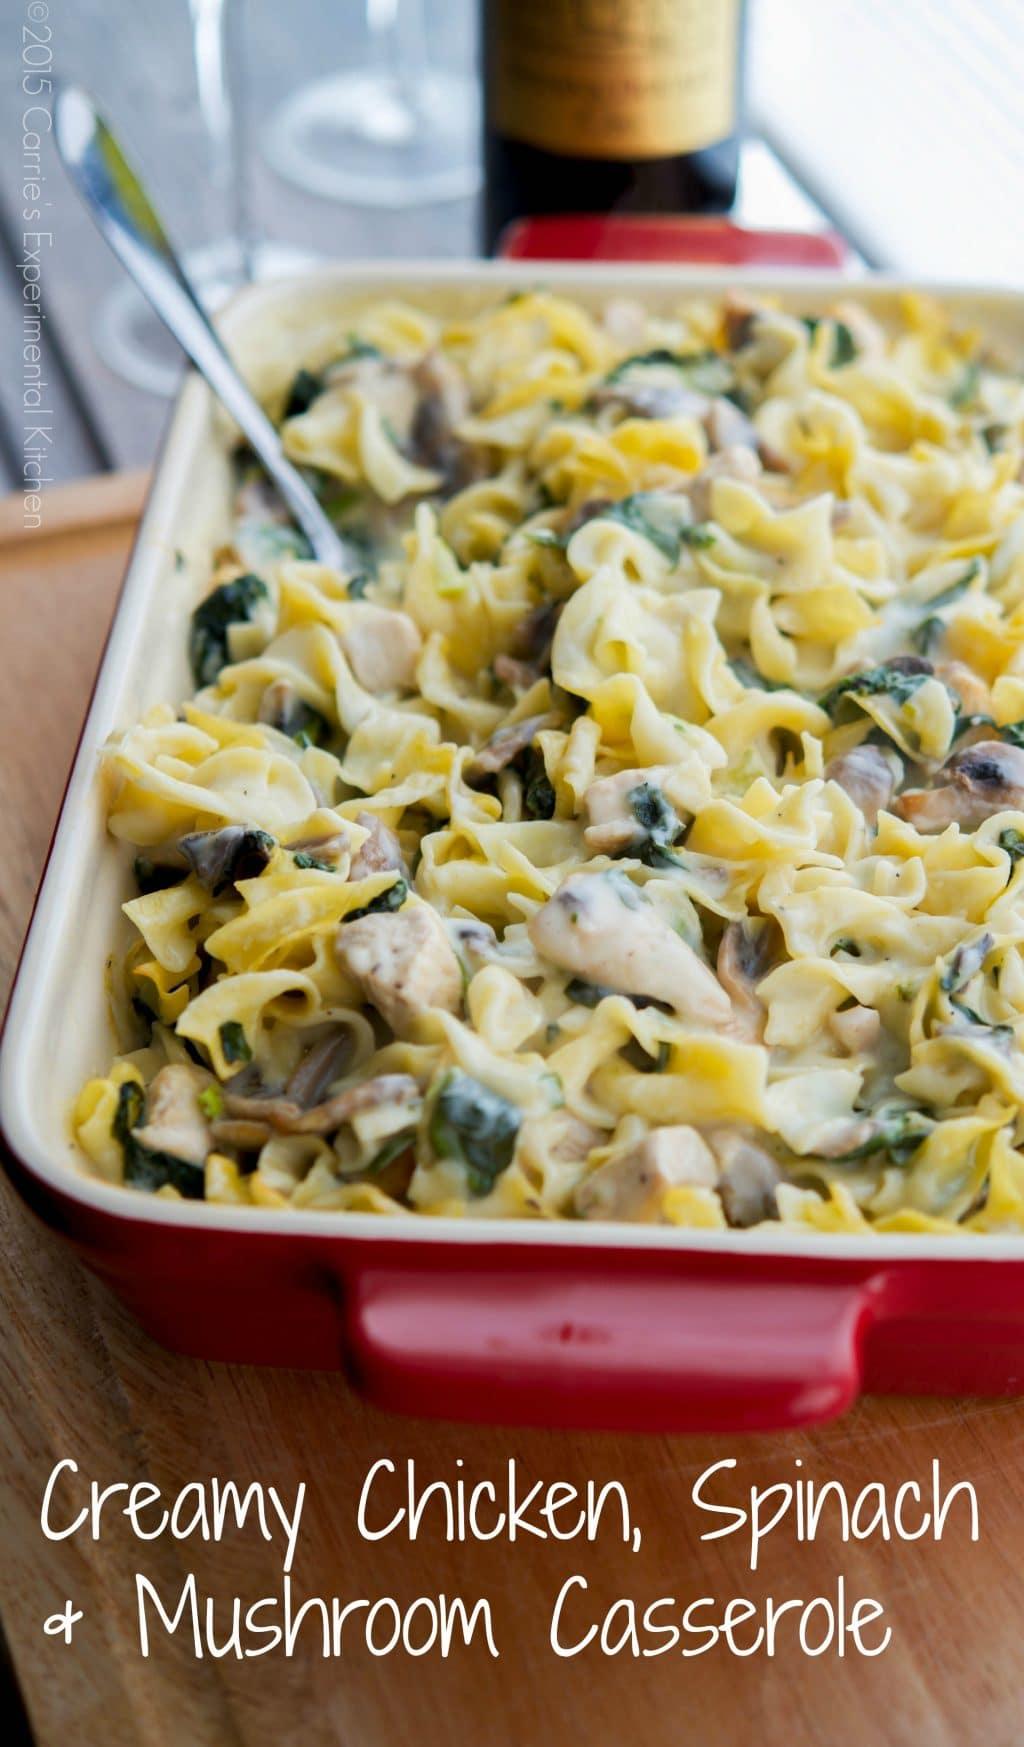 Creamy Chicken, Spinach & Mushroom Casserole - Carrie's ...